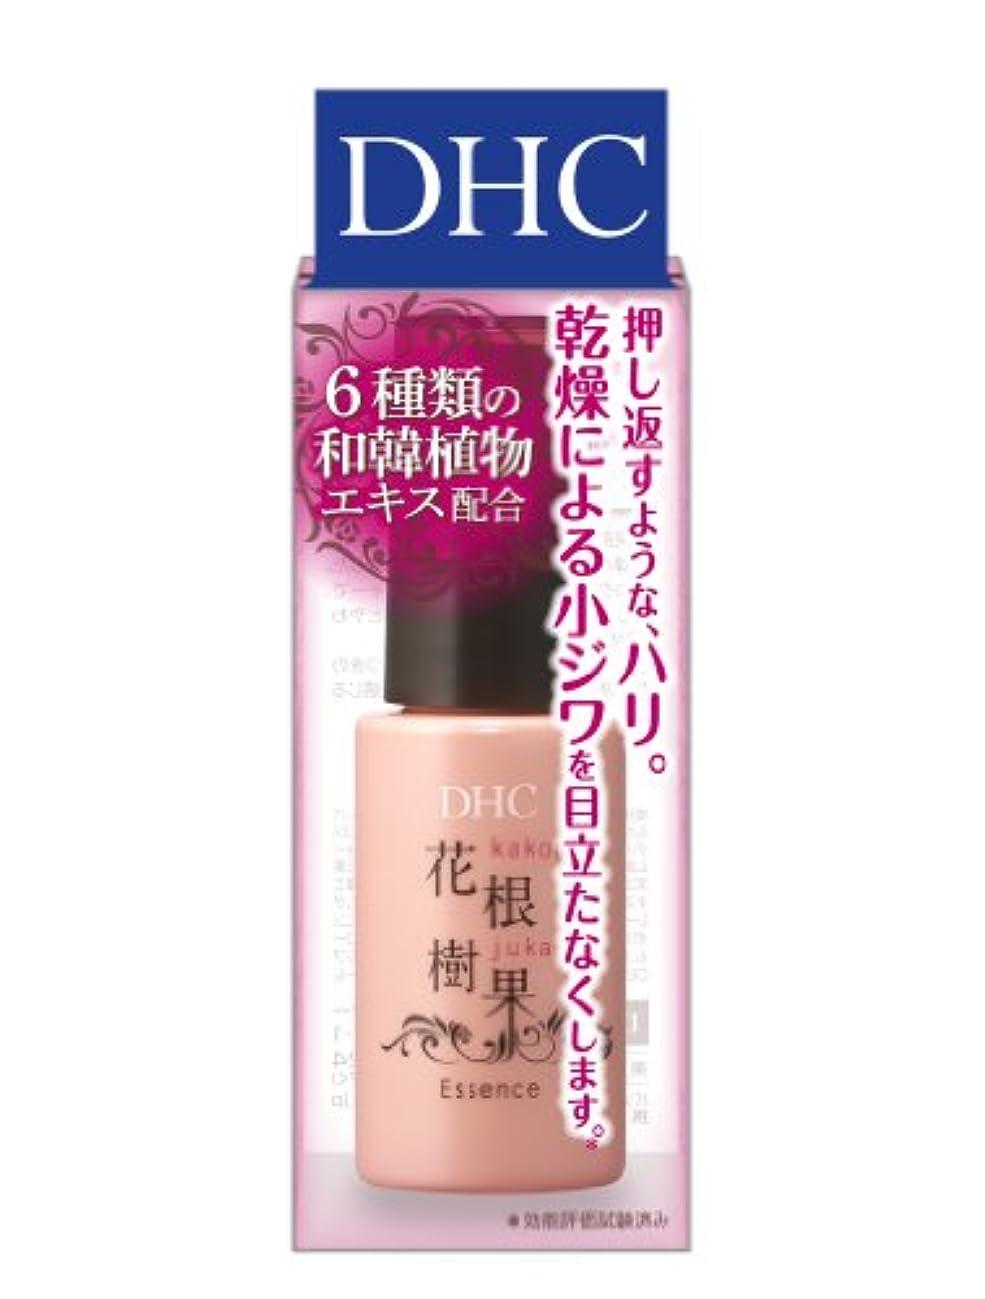 DHC 花根樹果 エッセンス (SS) 25ml